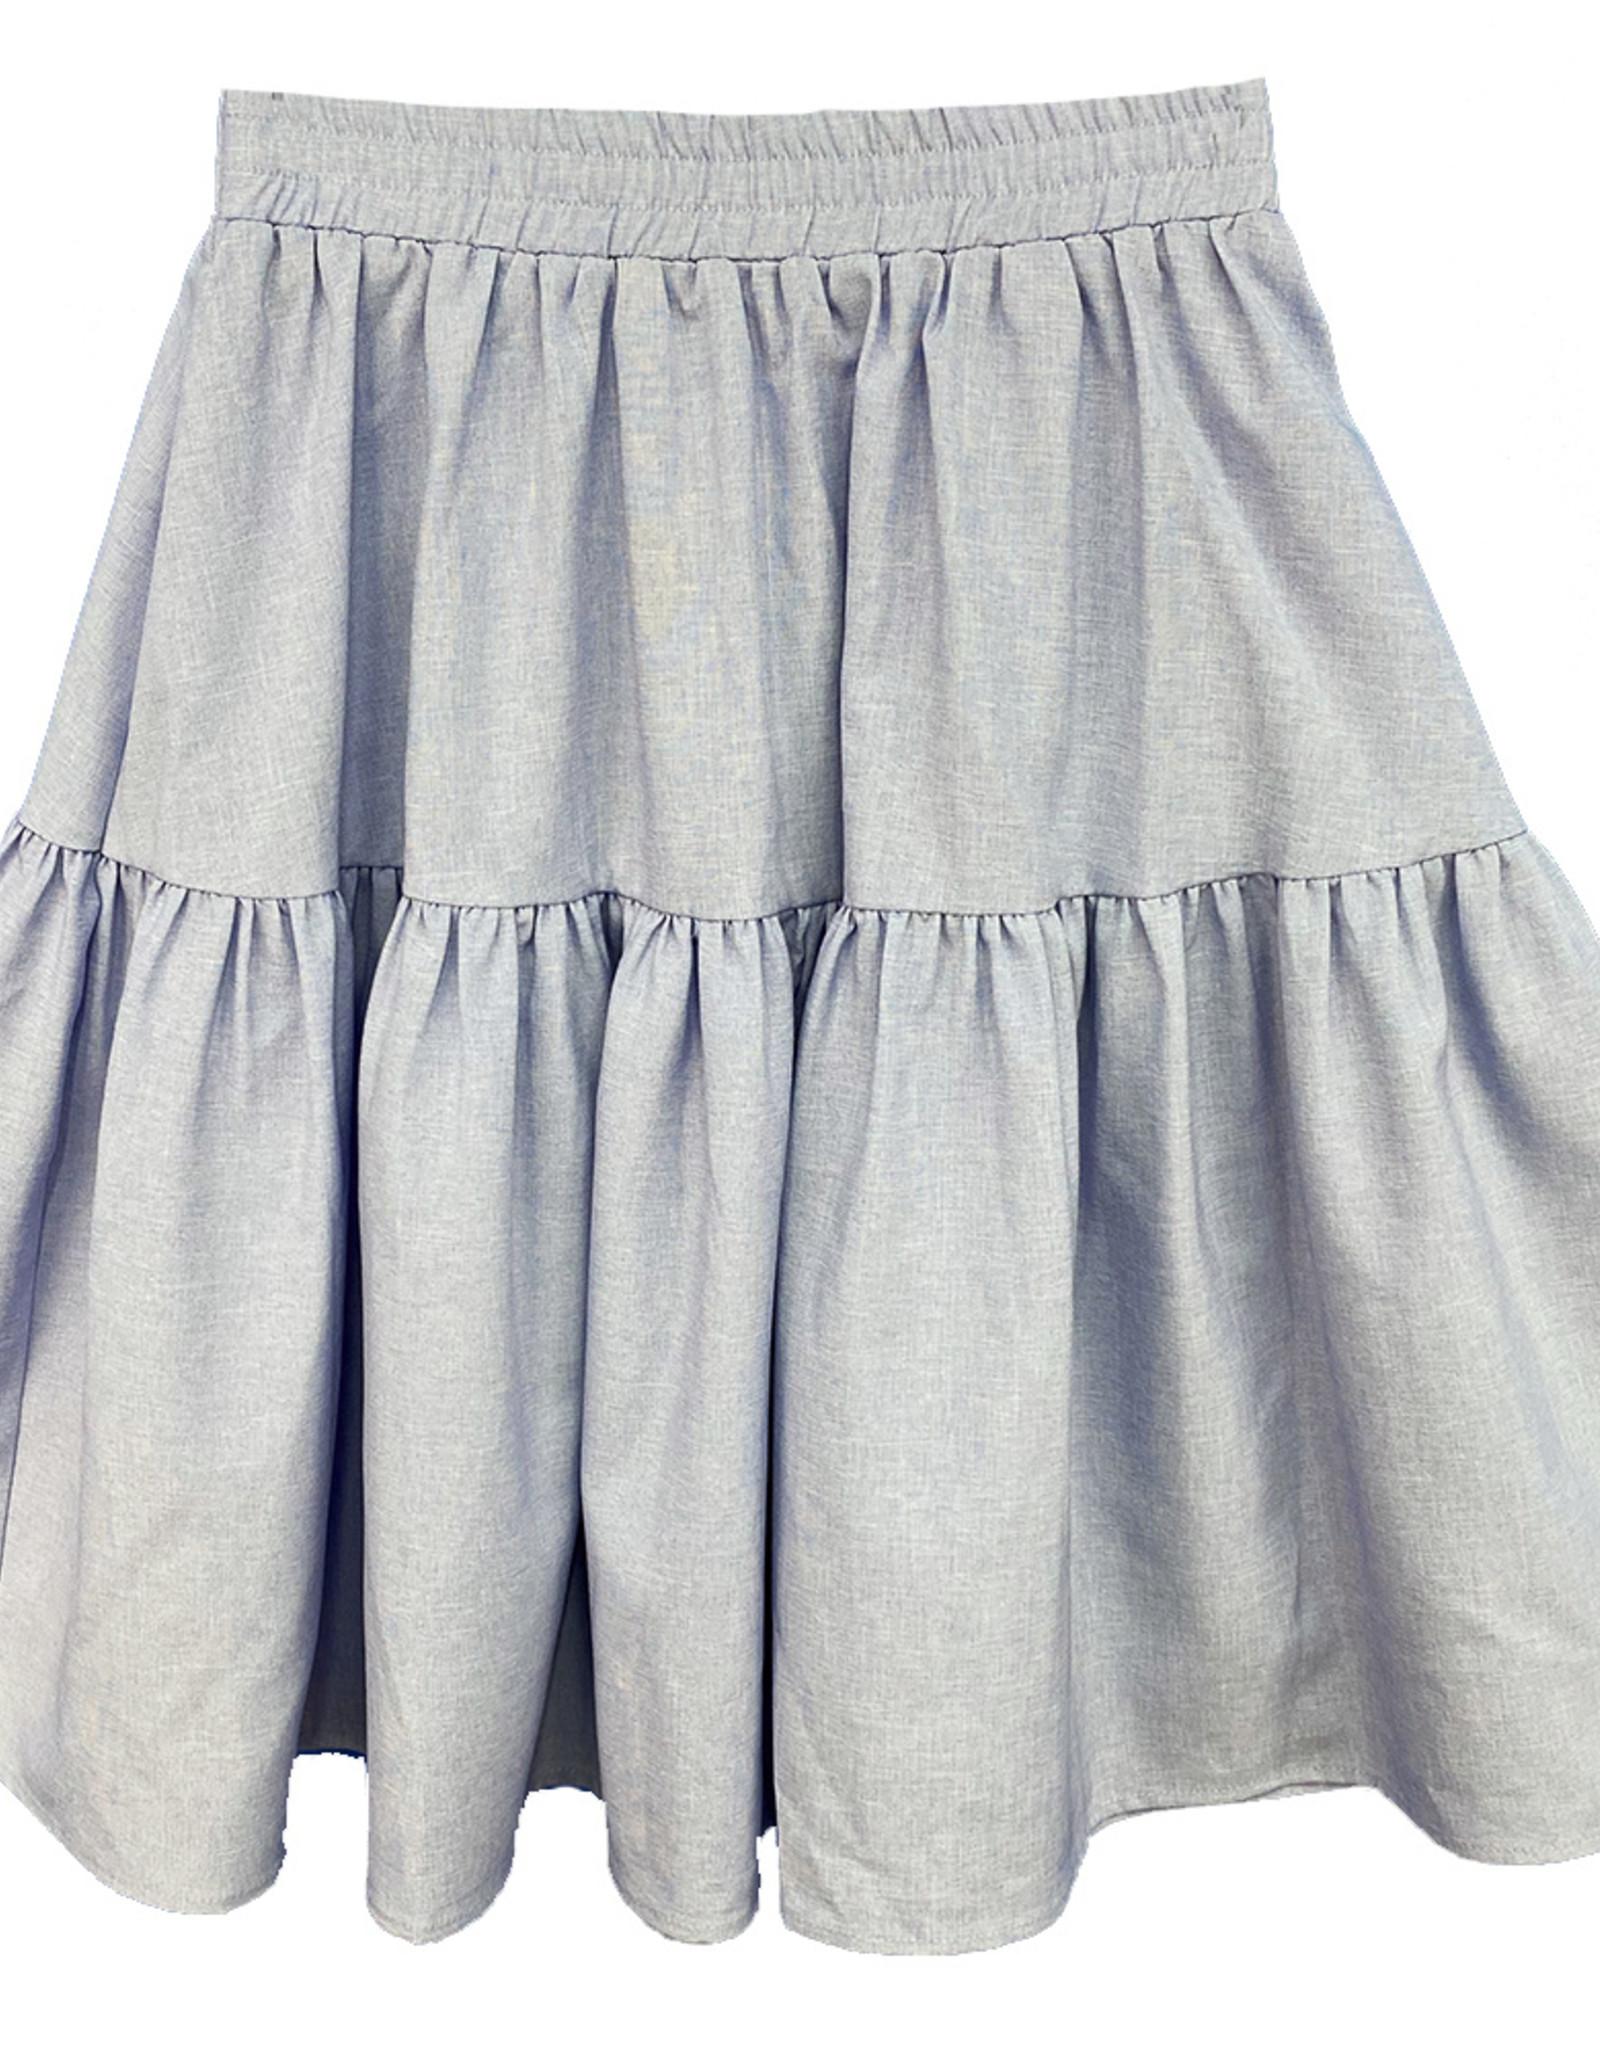 MeMe Basics MeMe Basics Tiered Skirt